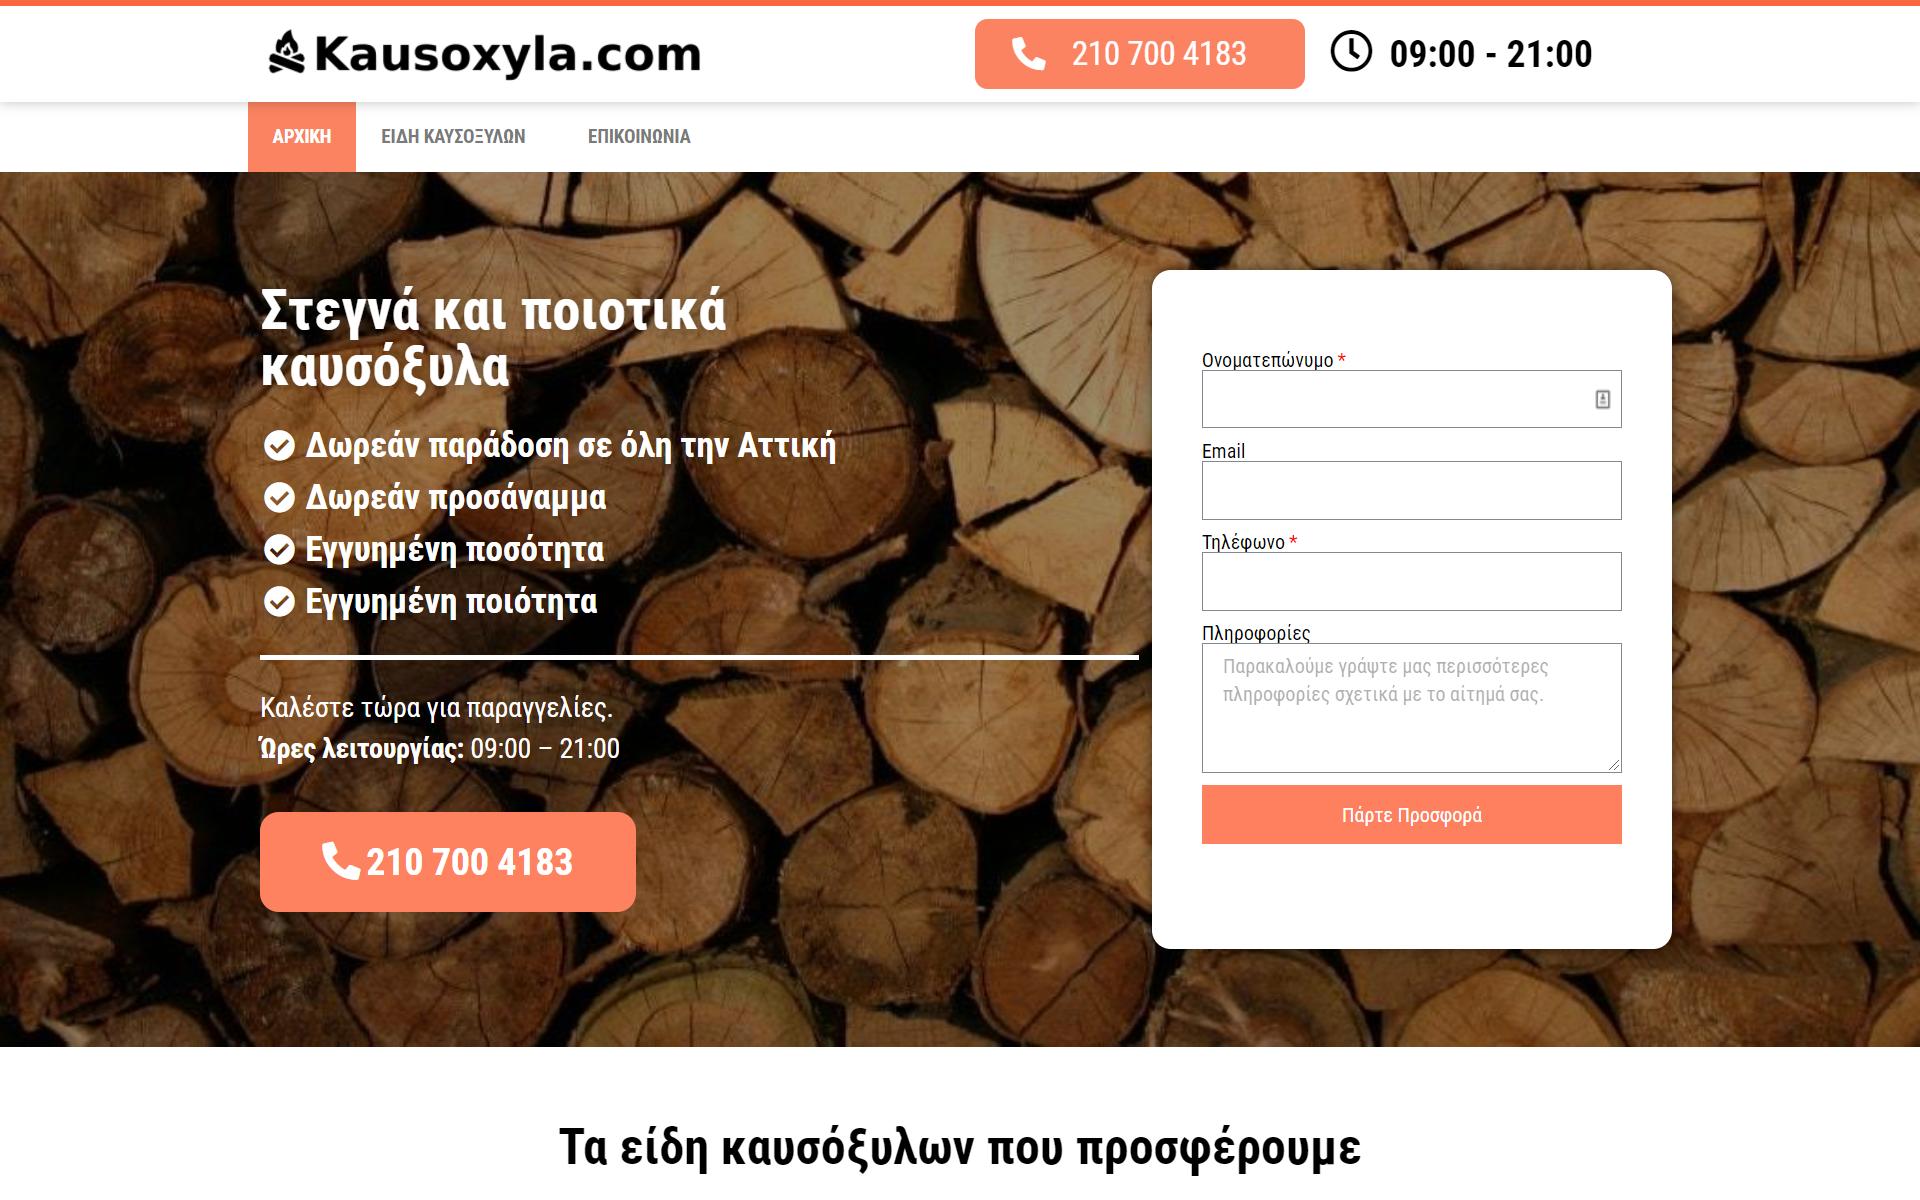 Kausoxyla.com